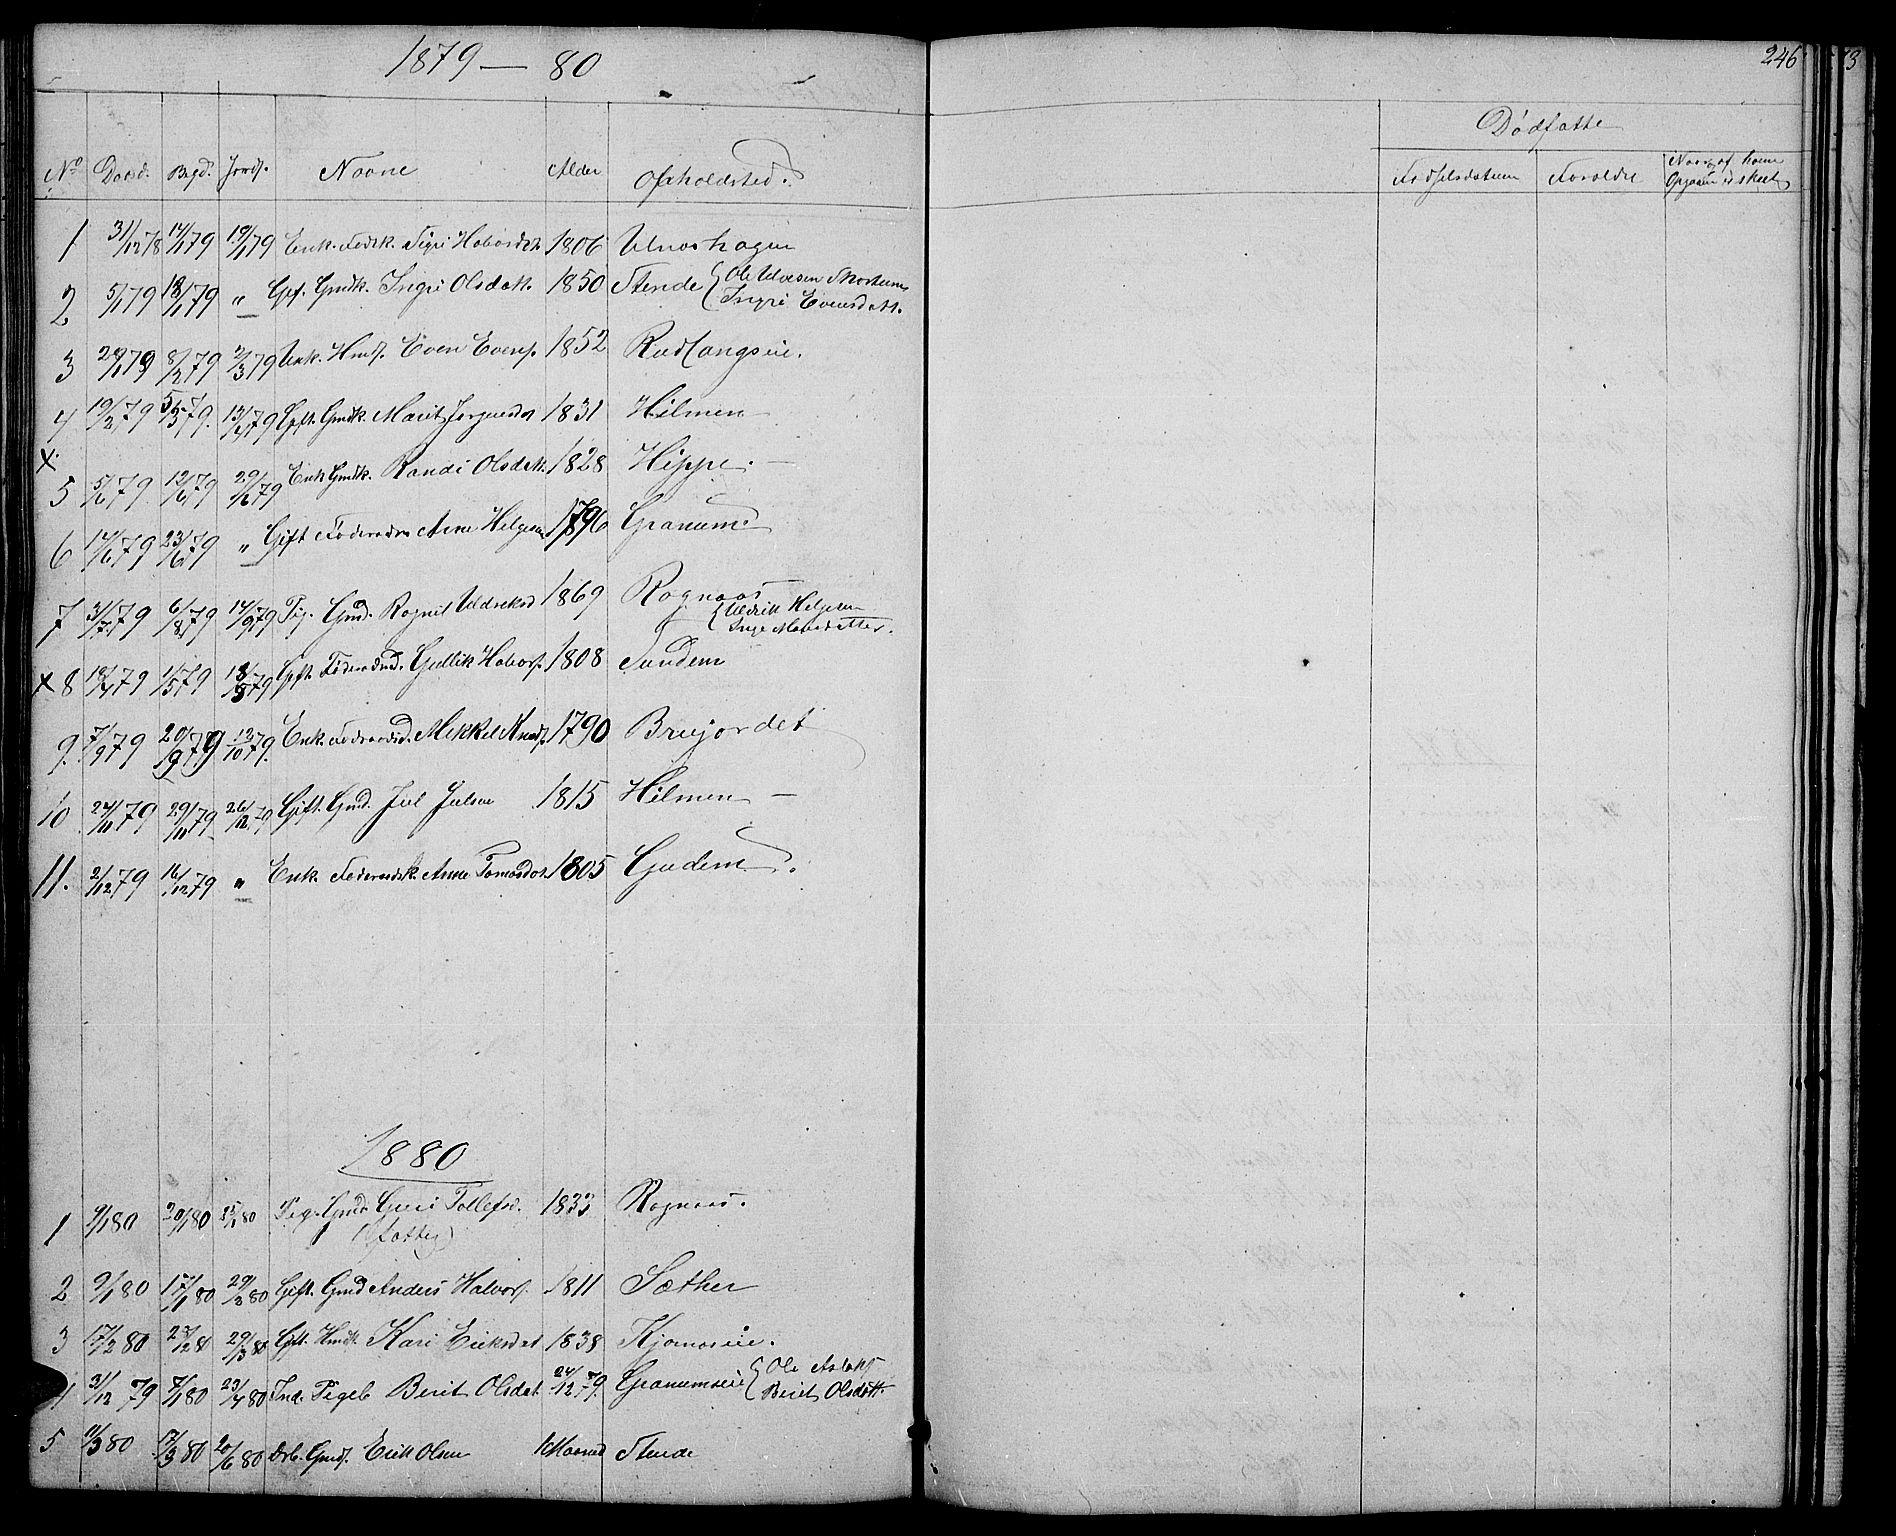 SAH, Nord-Aurdal prestekontor, Klokkerbok nr. 4, 1842-1882, s. 246